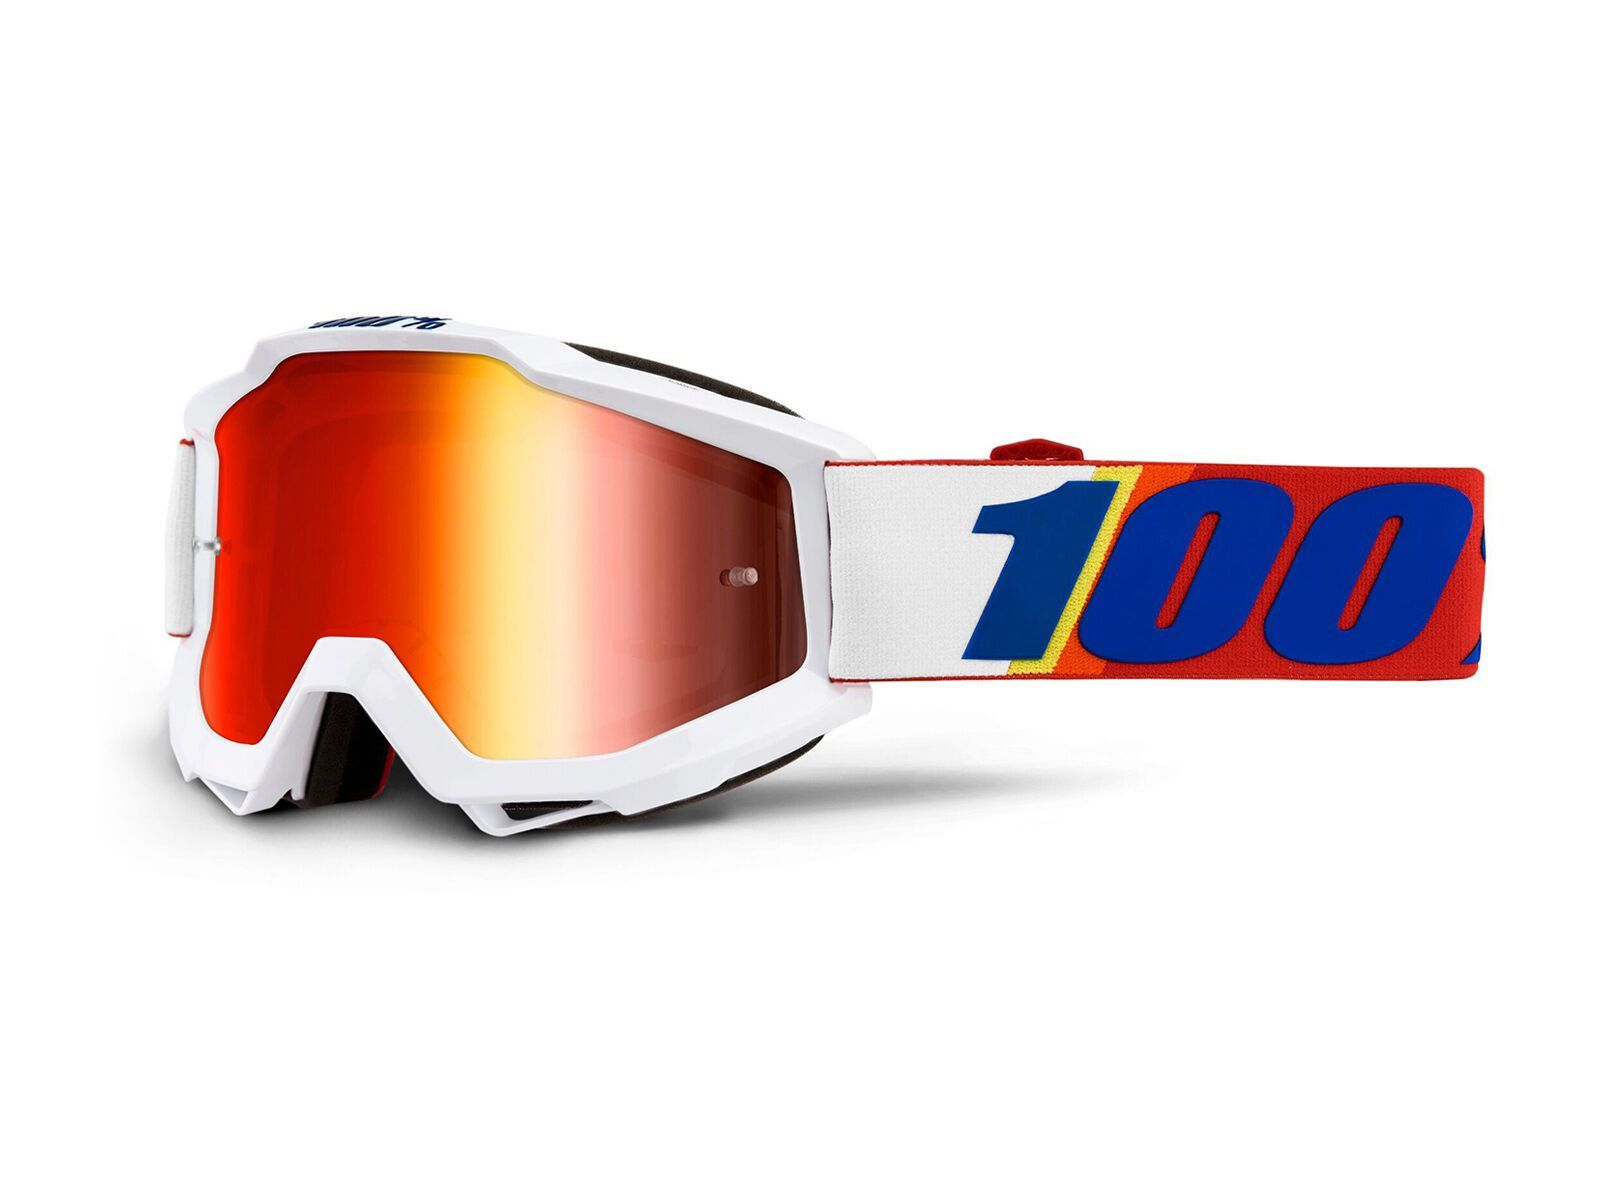 100% Accuri, minima/Lens: mir red - MX Brille HU-GOG-0020-unis-1295-Minima